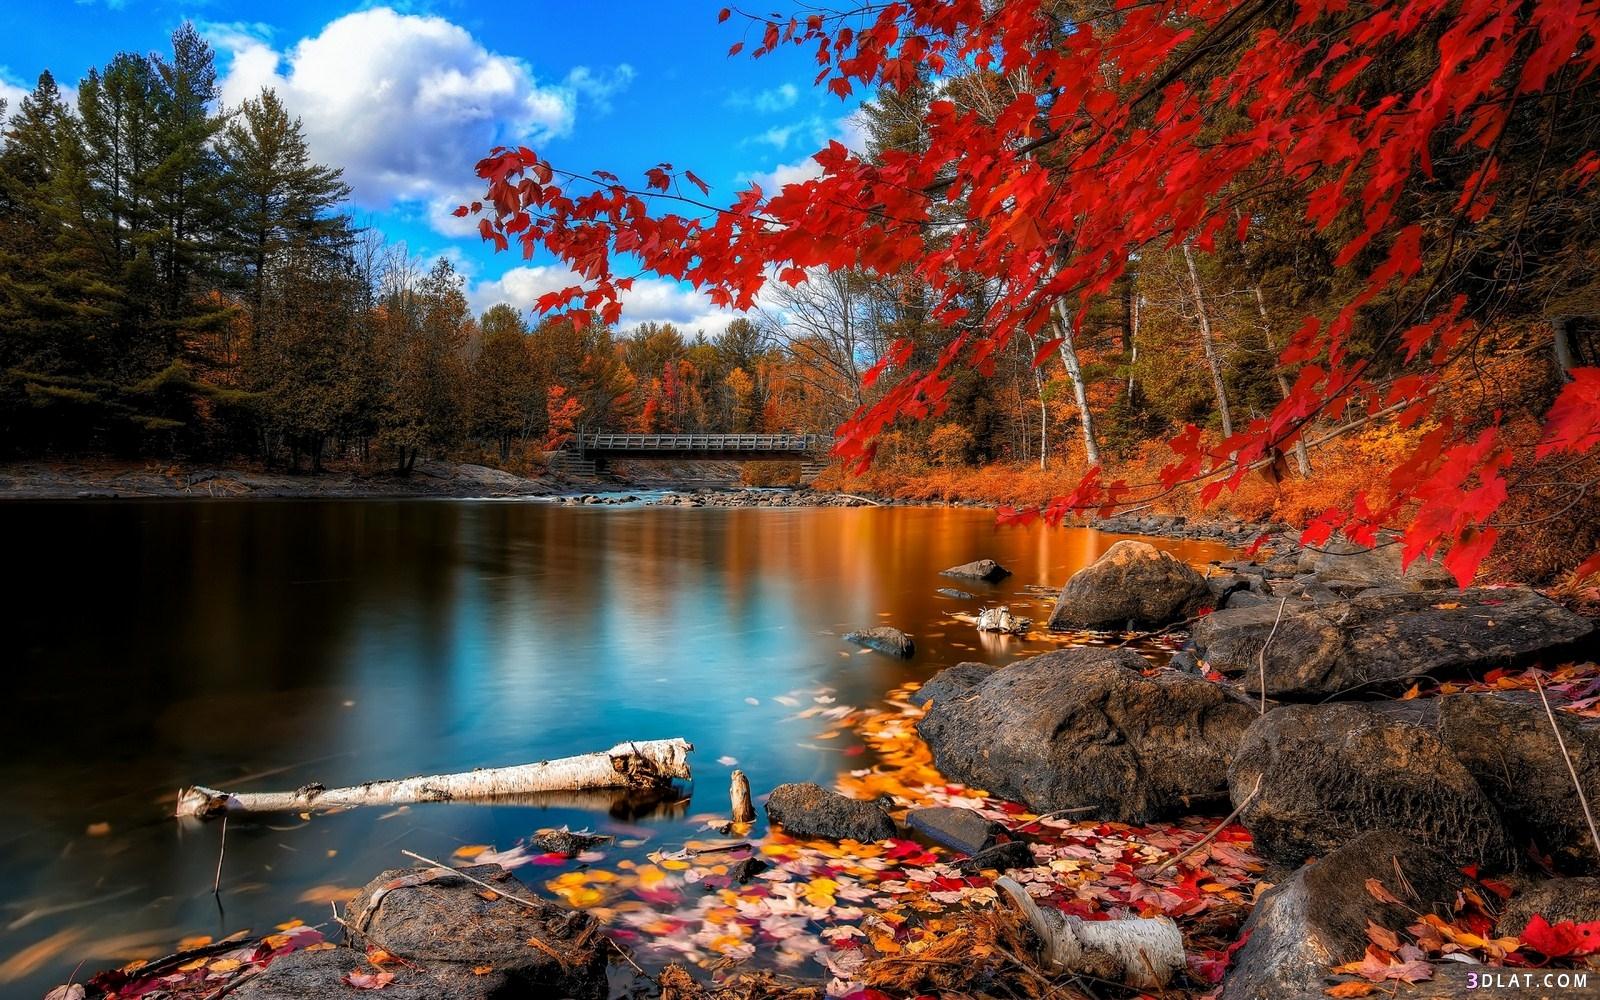 أجمل المناظر الطبيعية مناظر طبيعية خلابة 3dlat.com_14_18_1a90